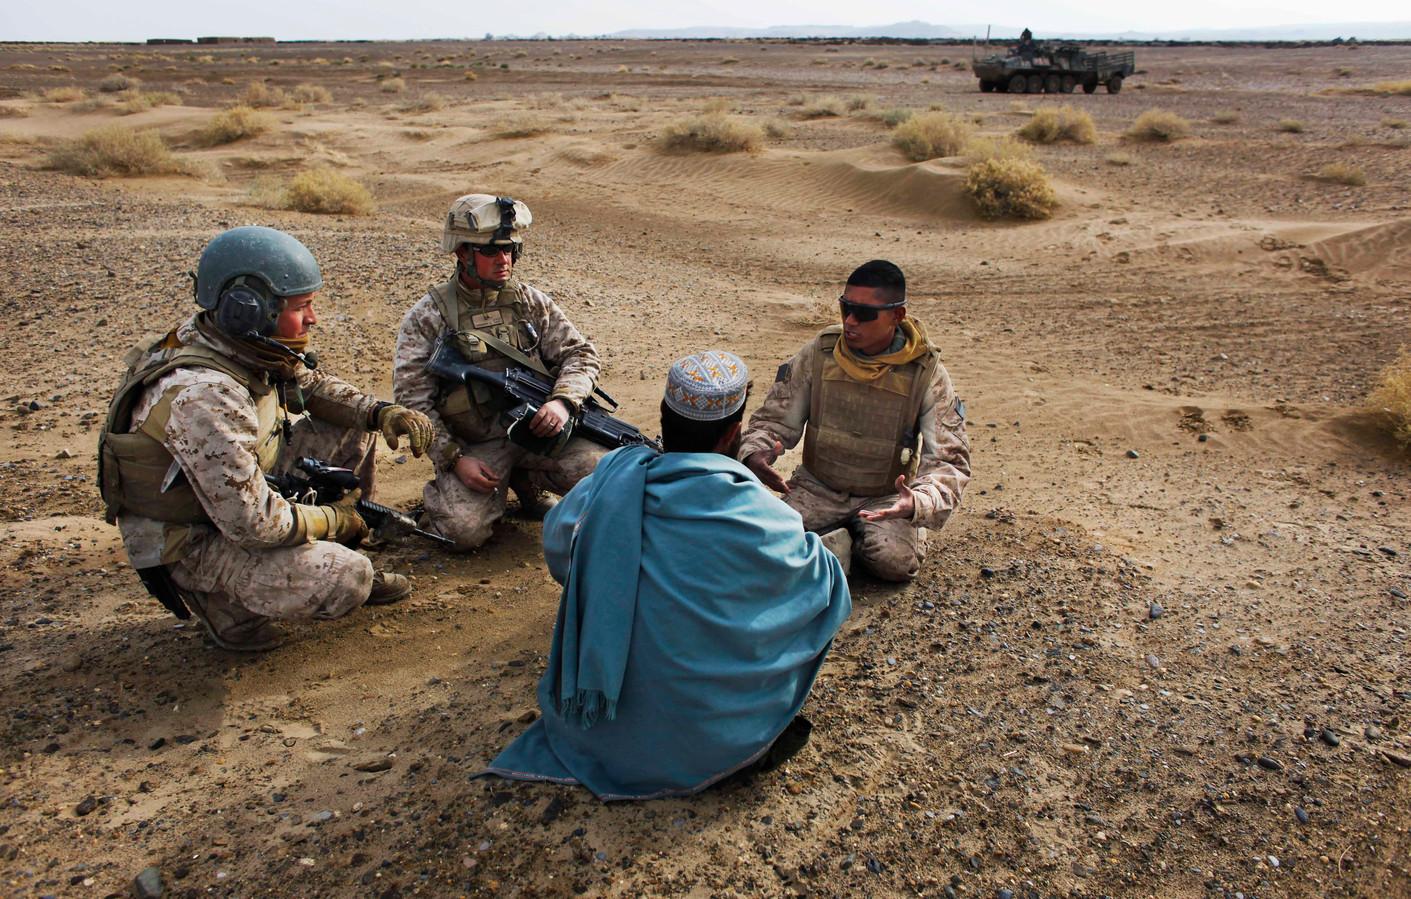 Twee Amerikaanse militairen spreken met een Afghaanse man in 2009 met behulp van een lokale vertaler (uiterst rechts).